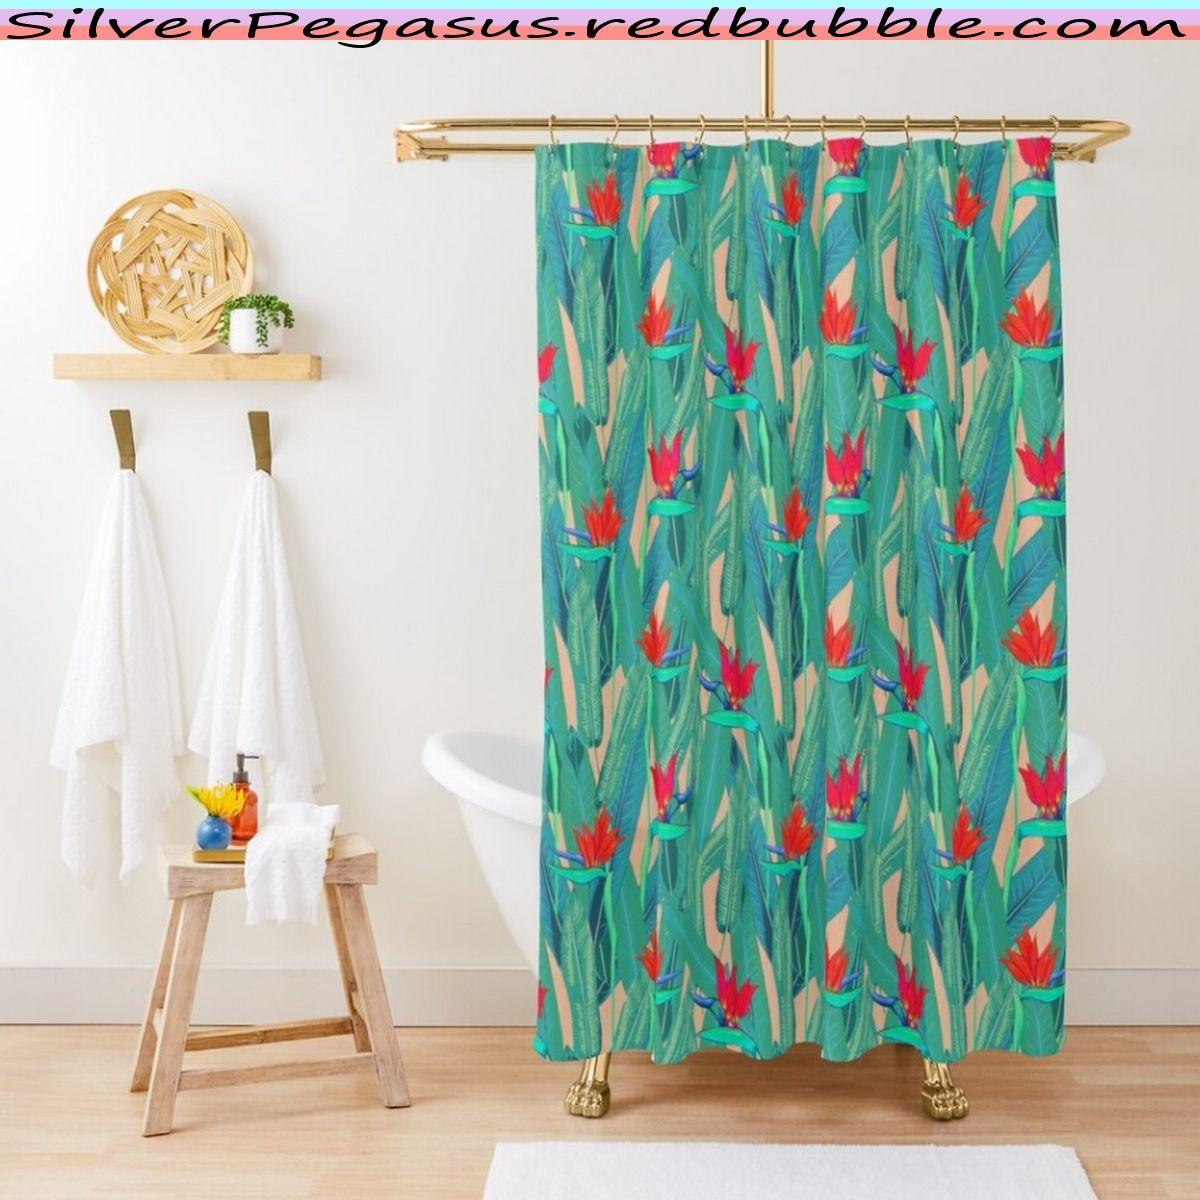 Silverpegasus Redbubble Com Tropical Garden Emerald Blush